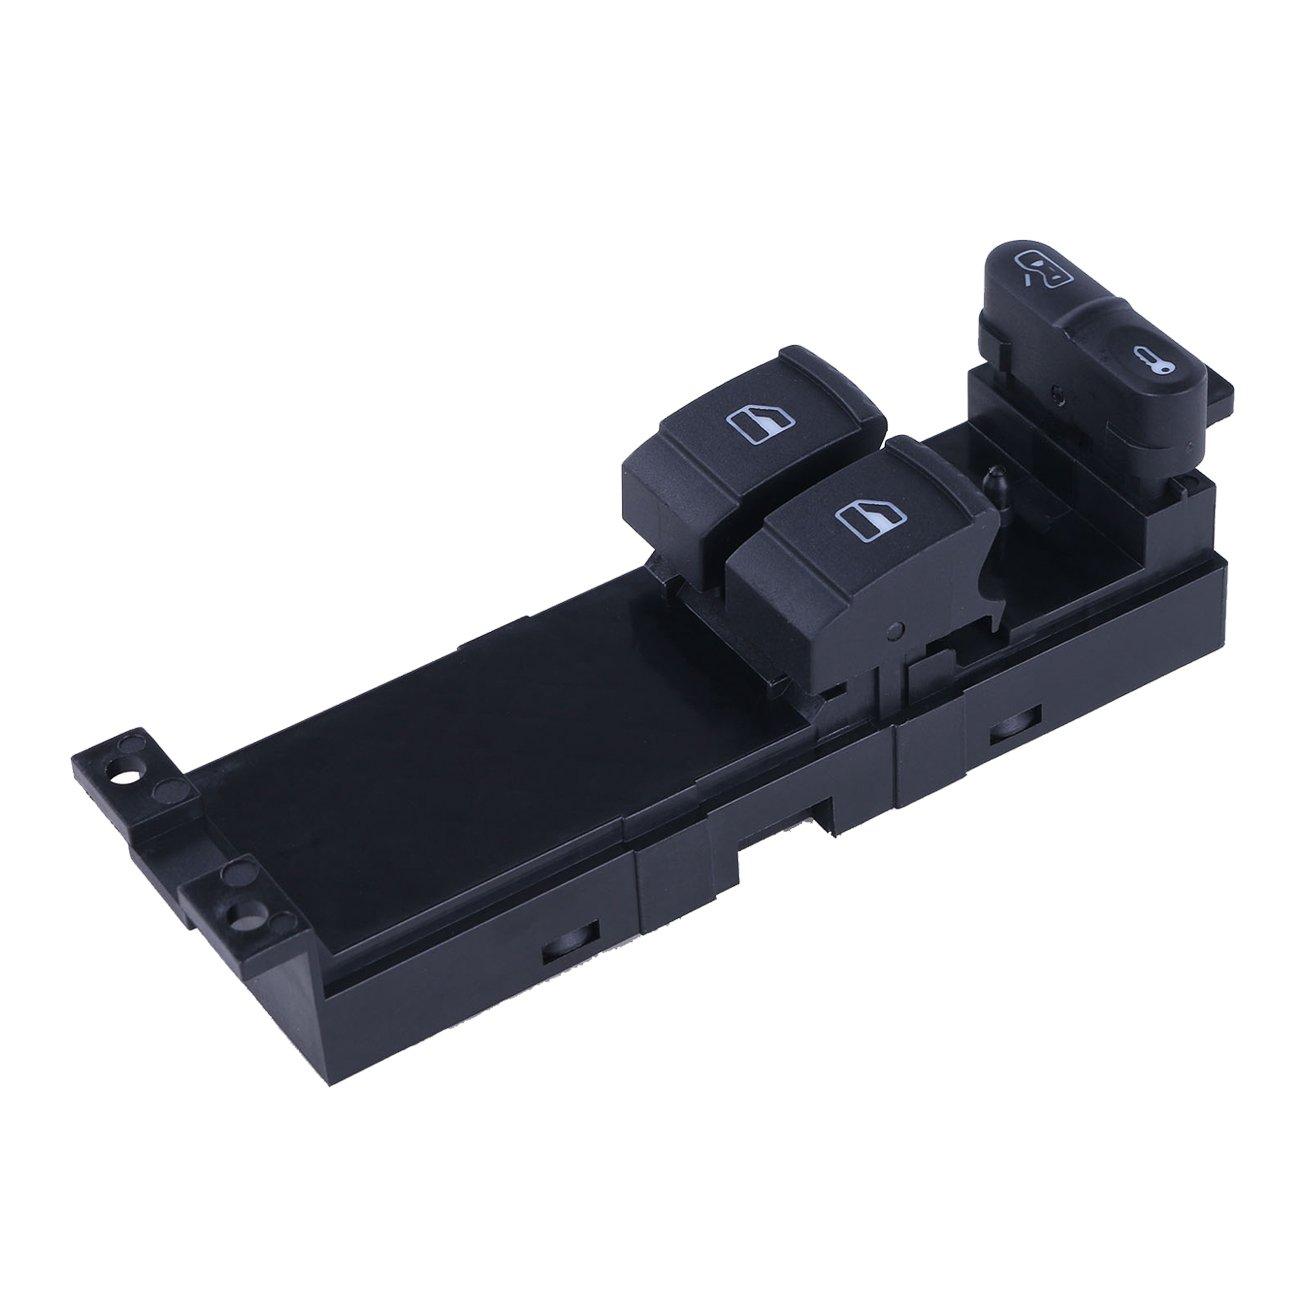 Sengear CAR-P115 Interruptor de la Ventana Elevaluna El/éctrica Conductor